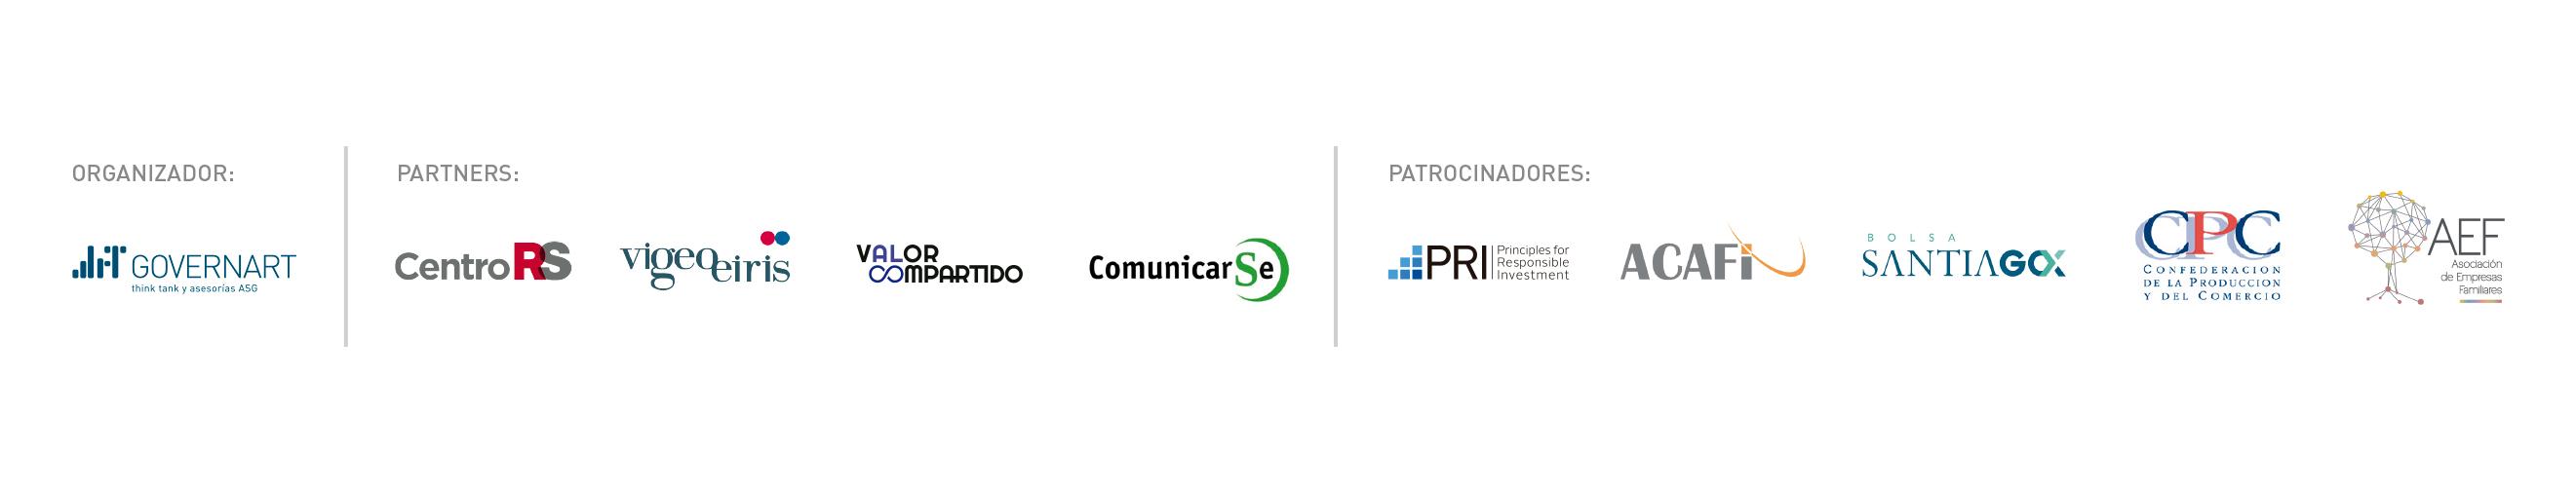 logos partners ALAS20